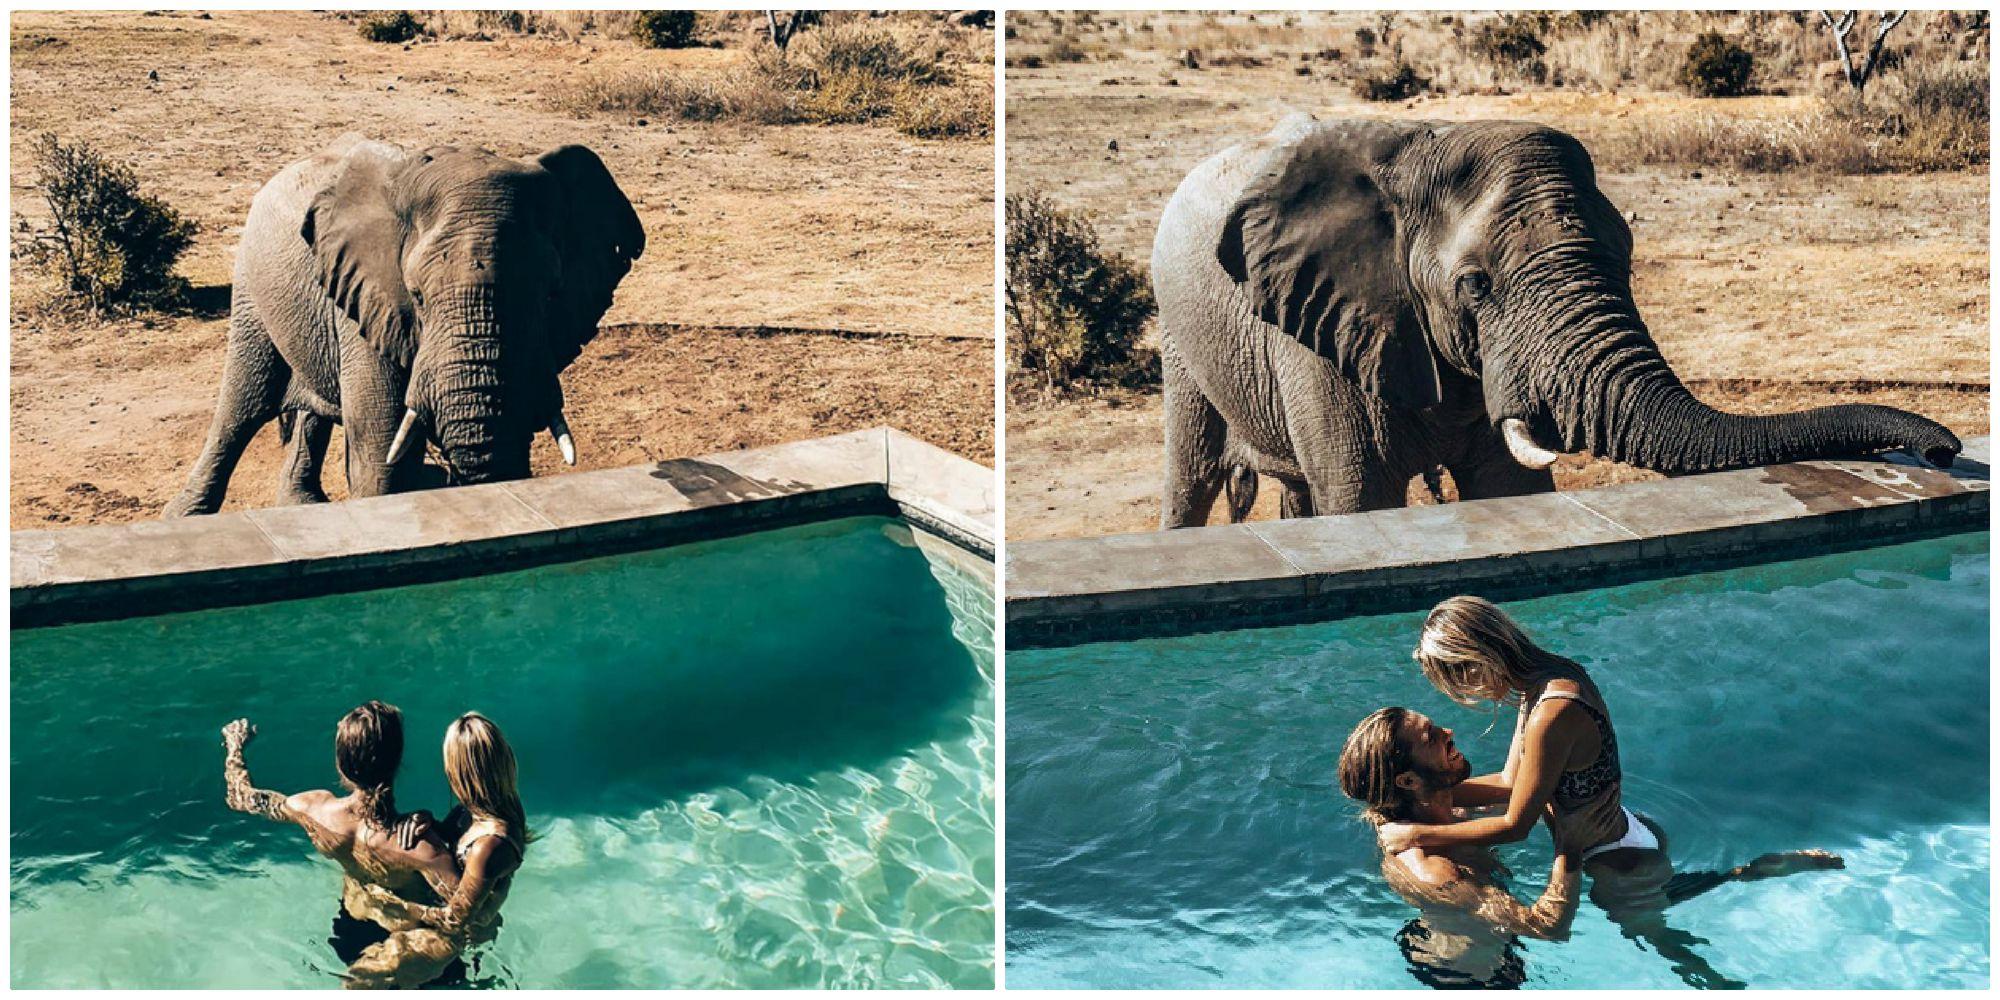 """Trải nghiệm """"khóc thét"""" không dành cho những tín đồ """"yếu tim"""": Tắm hồ bơi cùng voi khổng lồ ở Nam Phi đang """"gây bão"""" CĐM"""